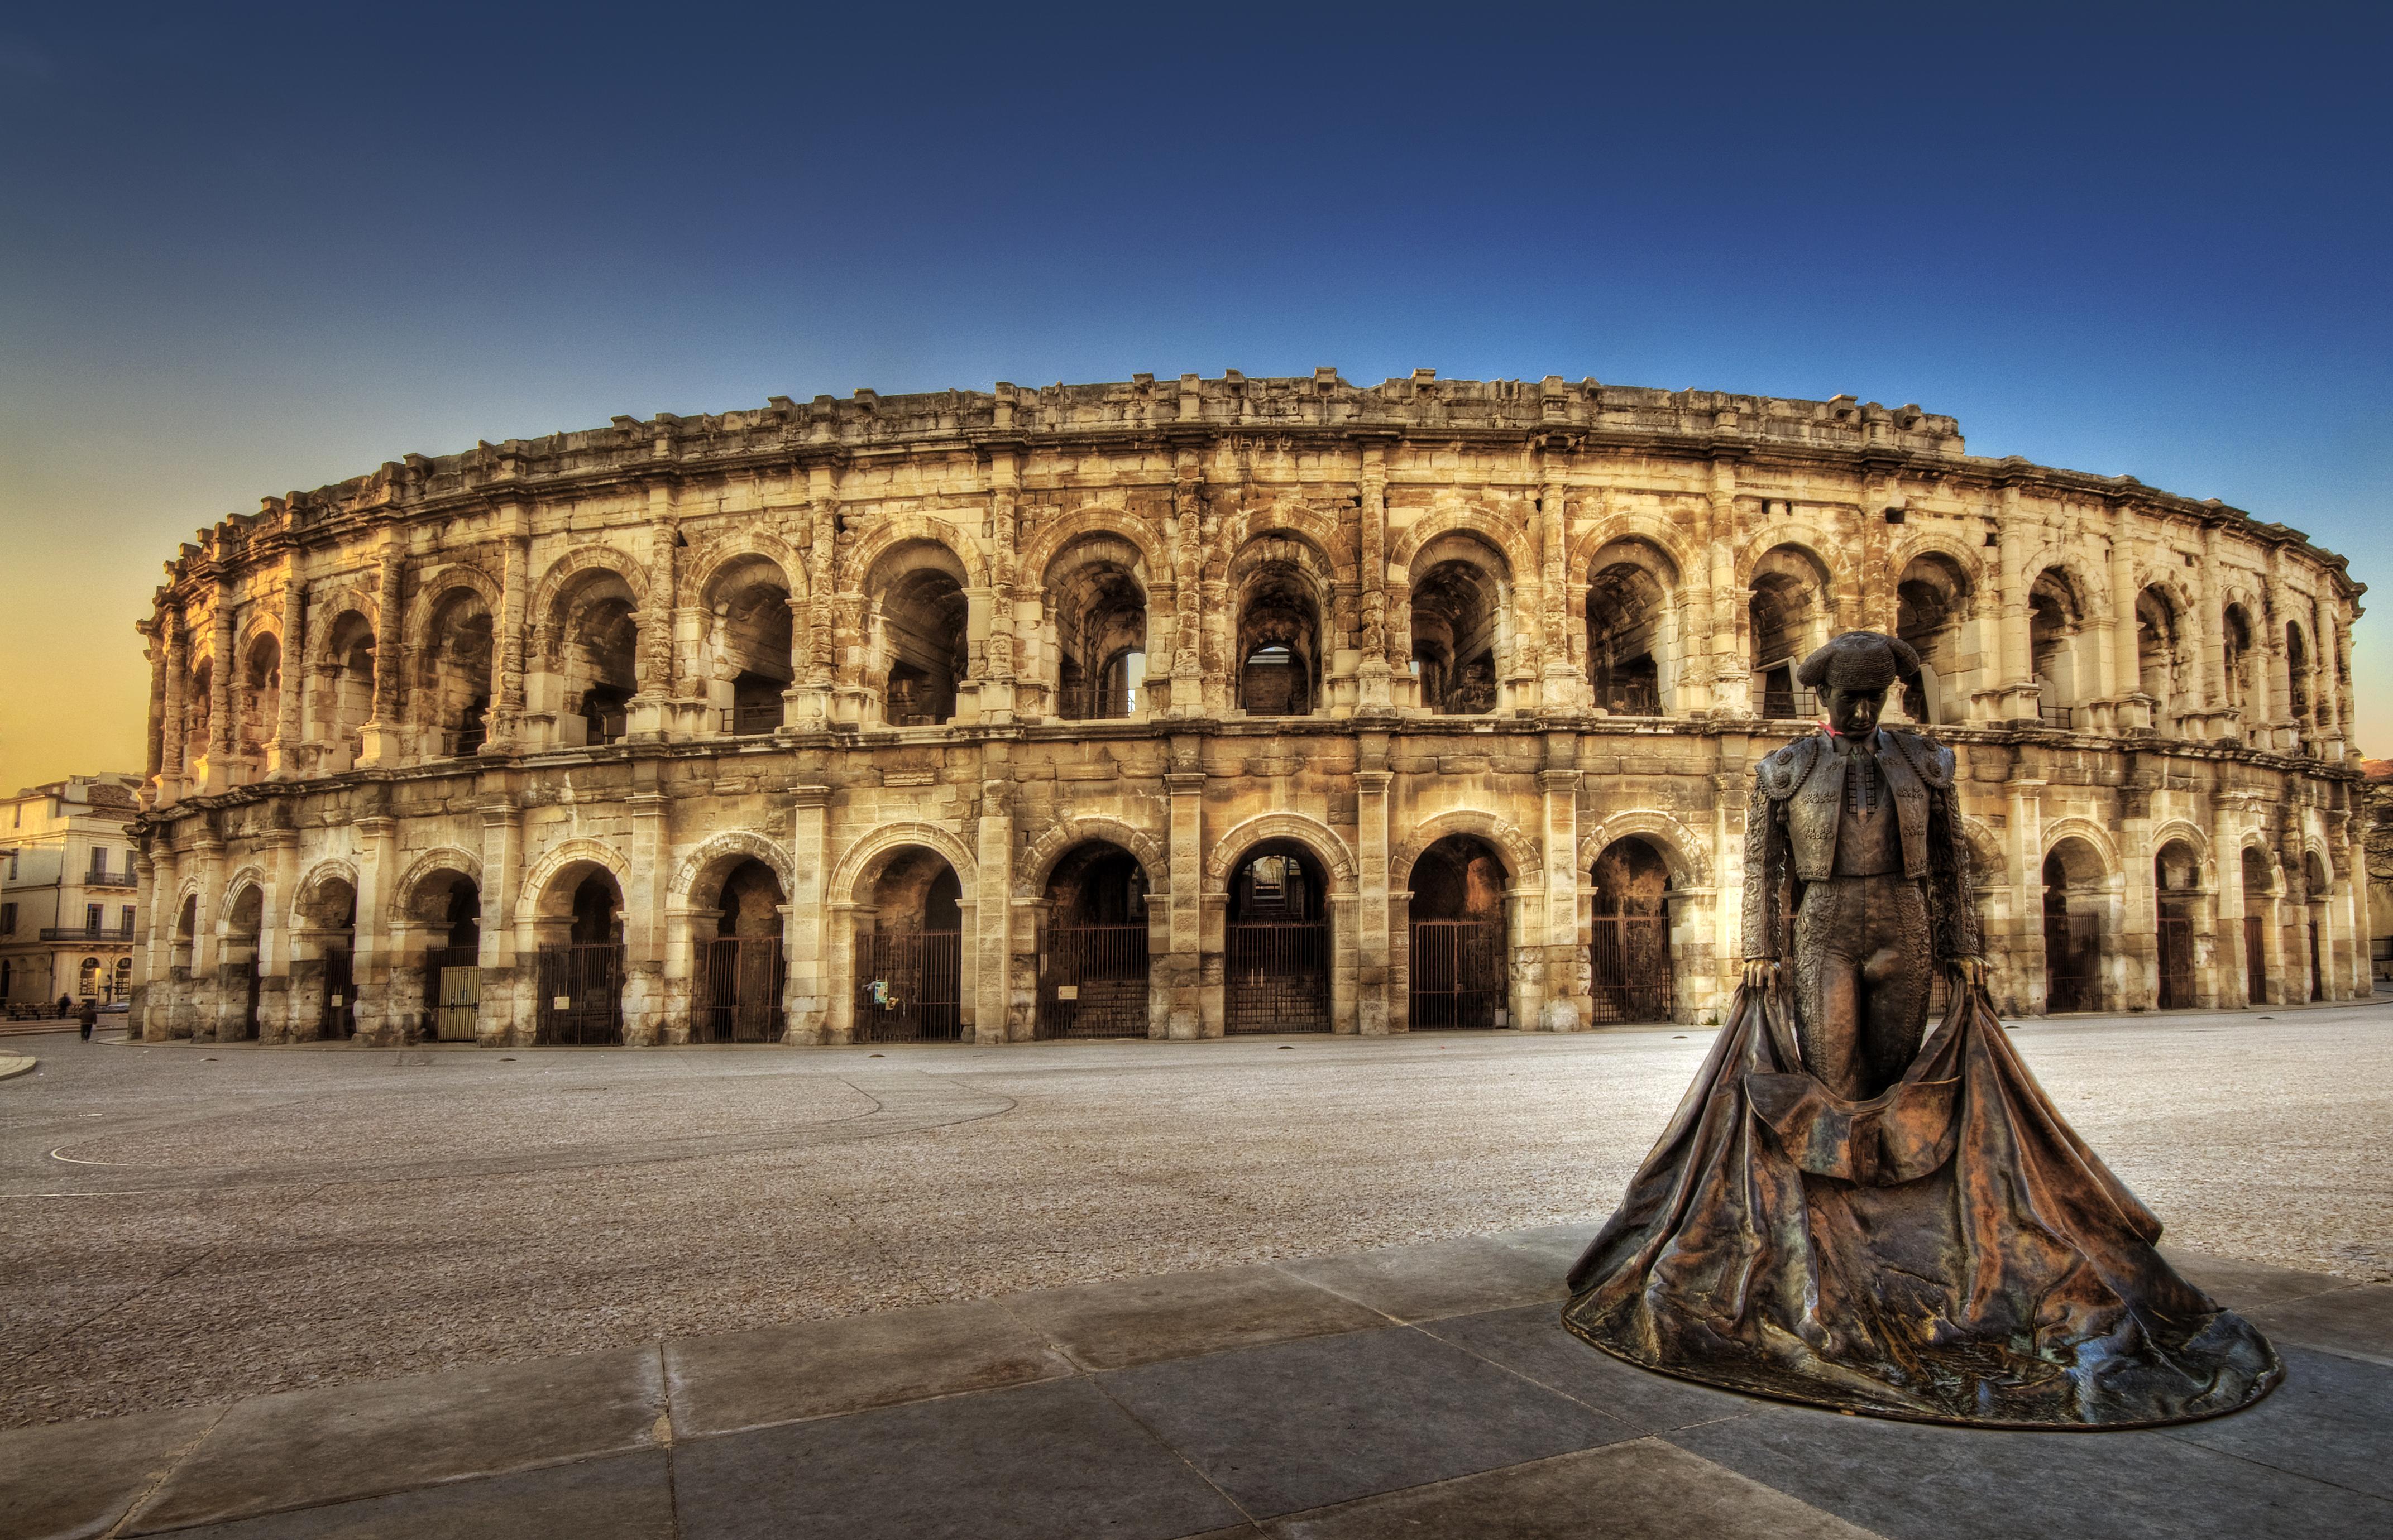 Europa Clásica (17 días - 7 países) Inicio Londres- Fin Madrid